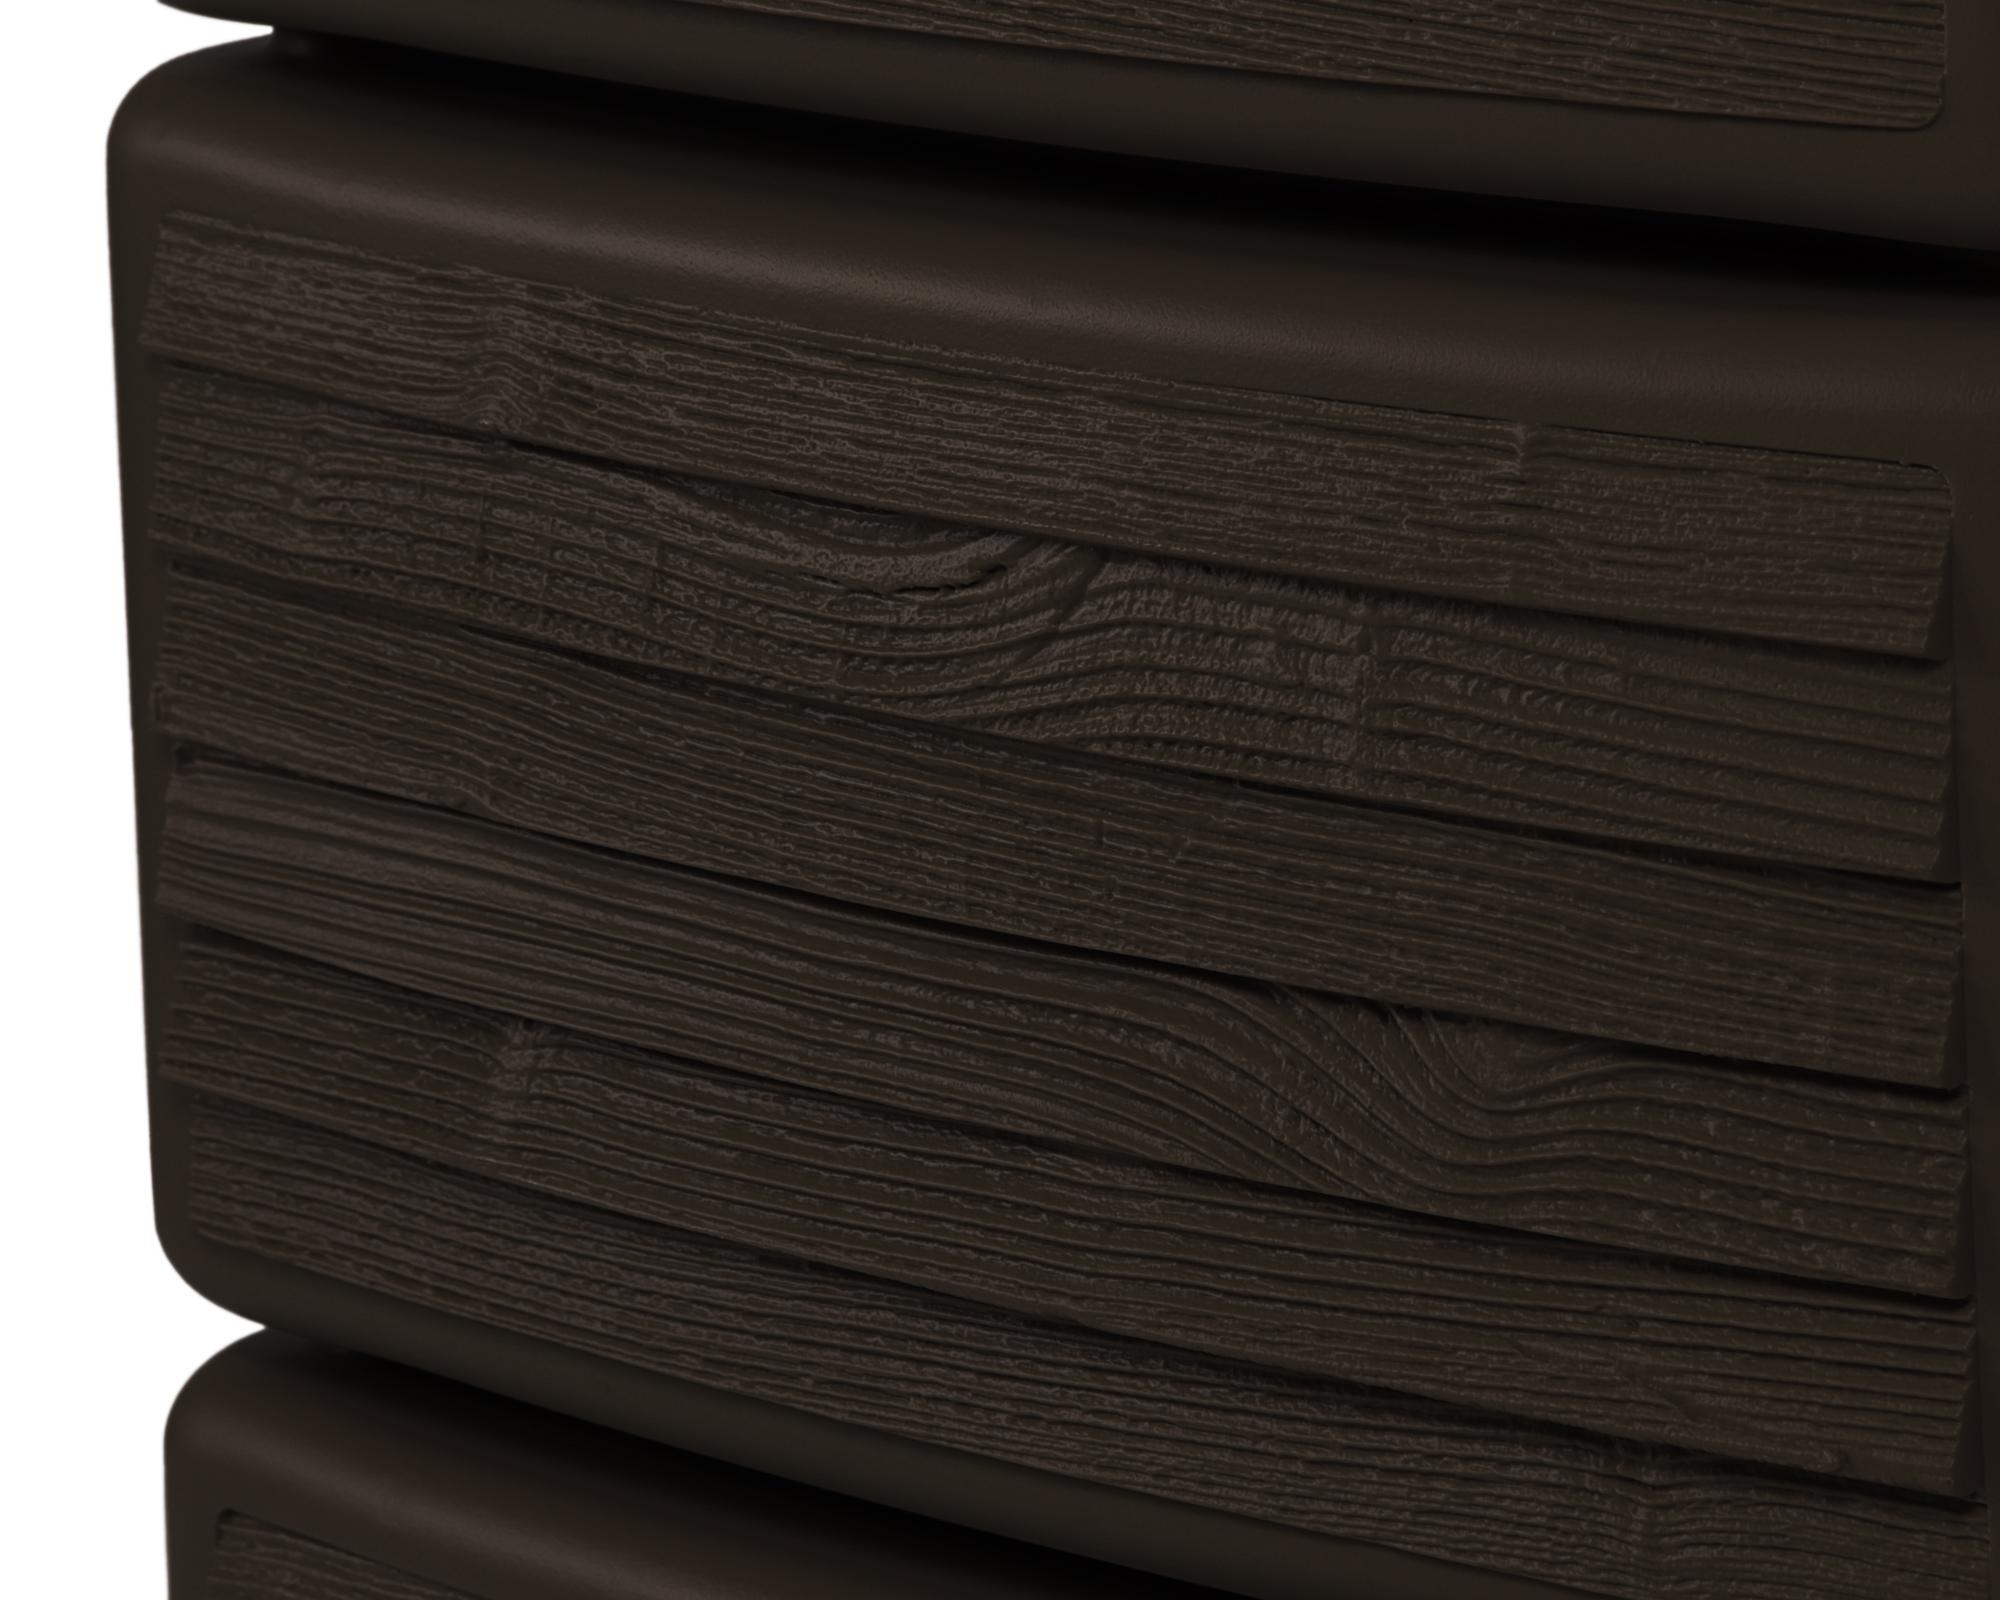 ondis24 regenwasser wandtank slim 300 l wood decor darkwood günstig